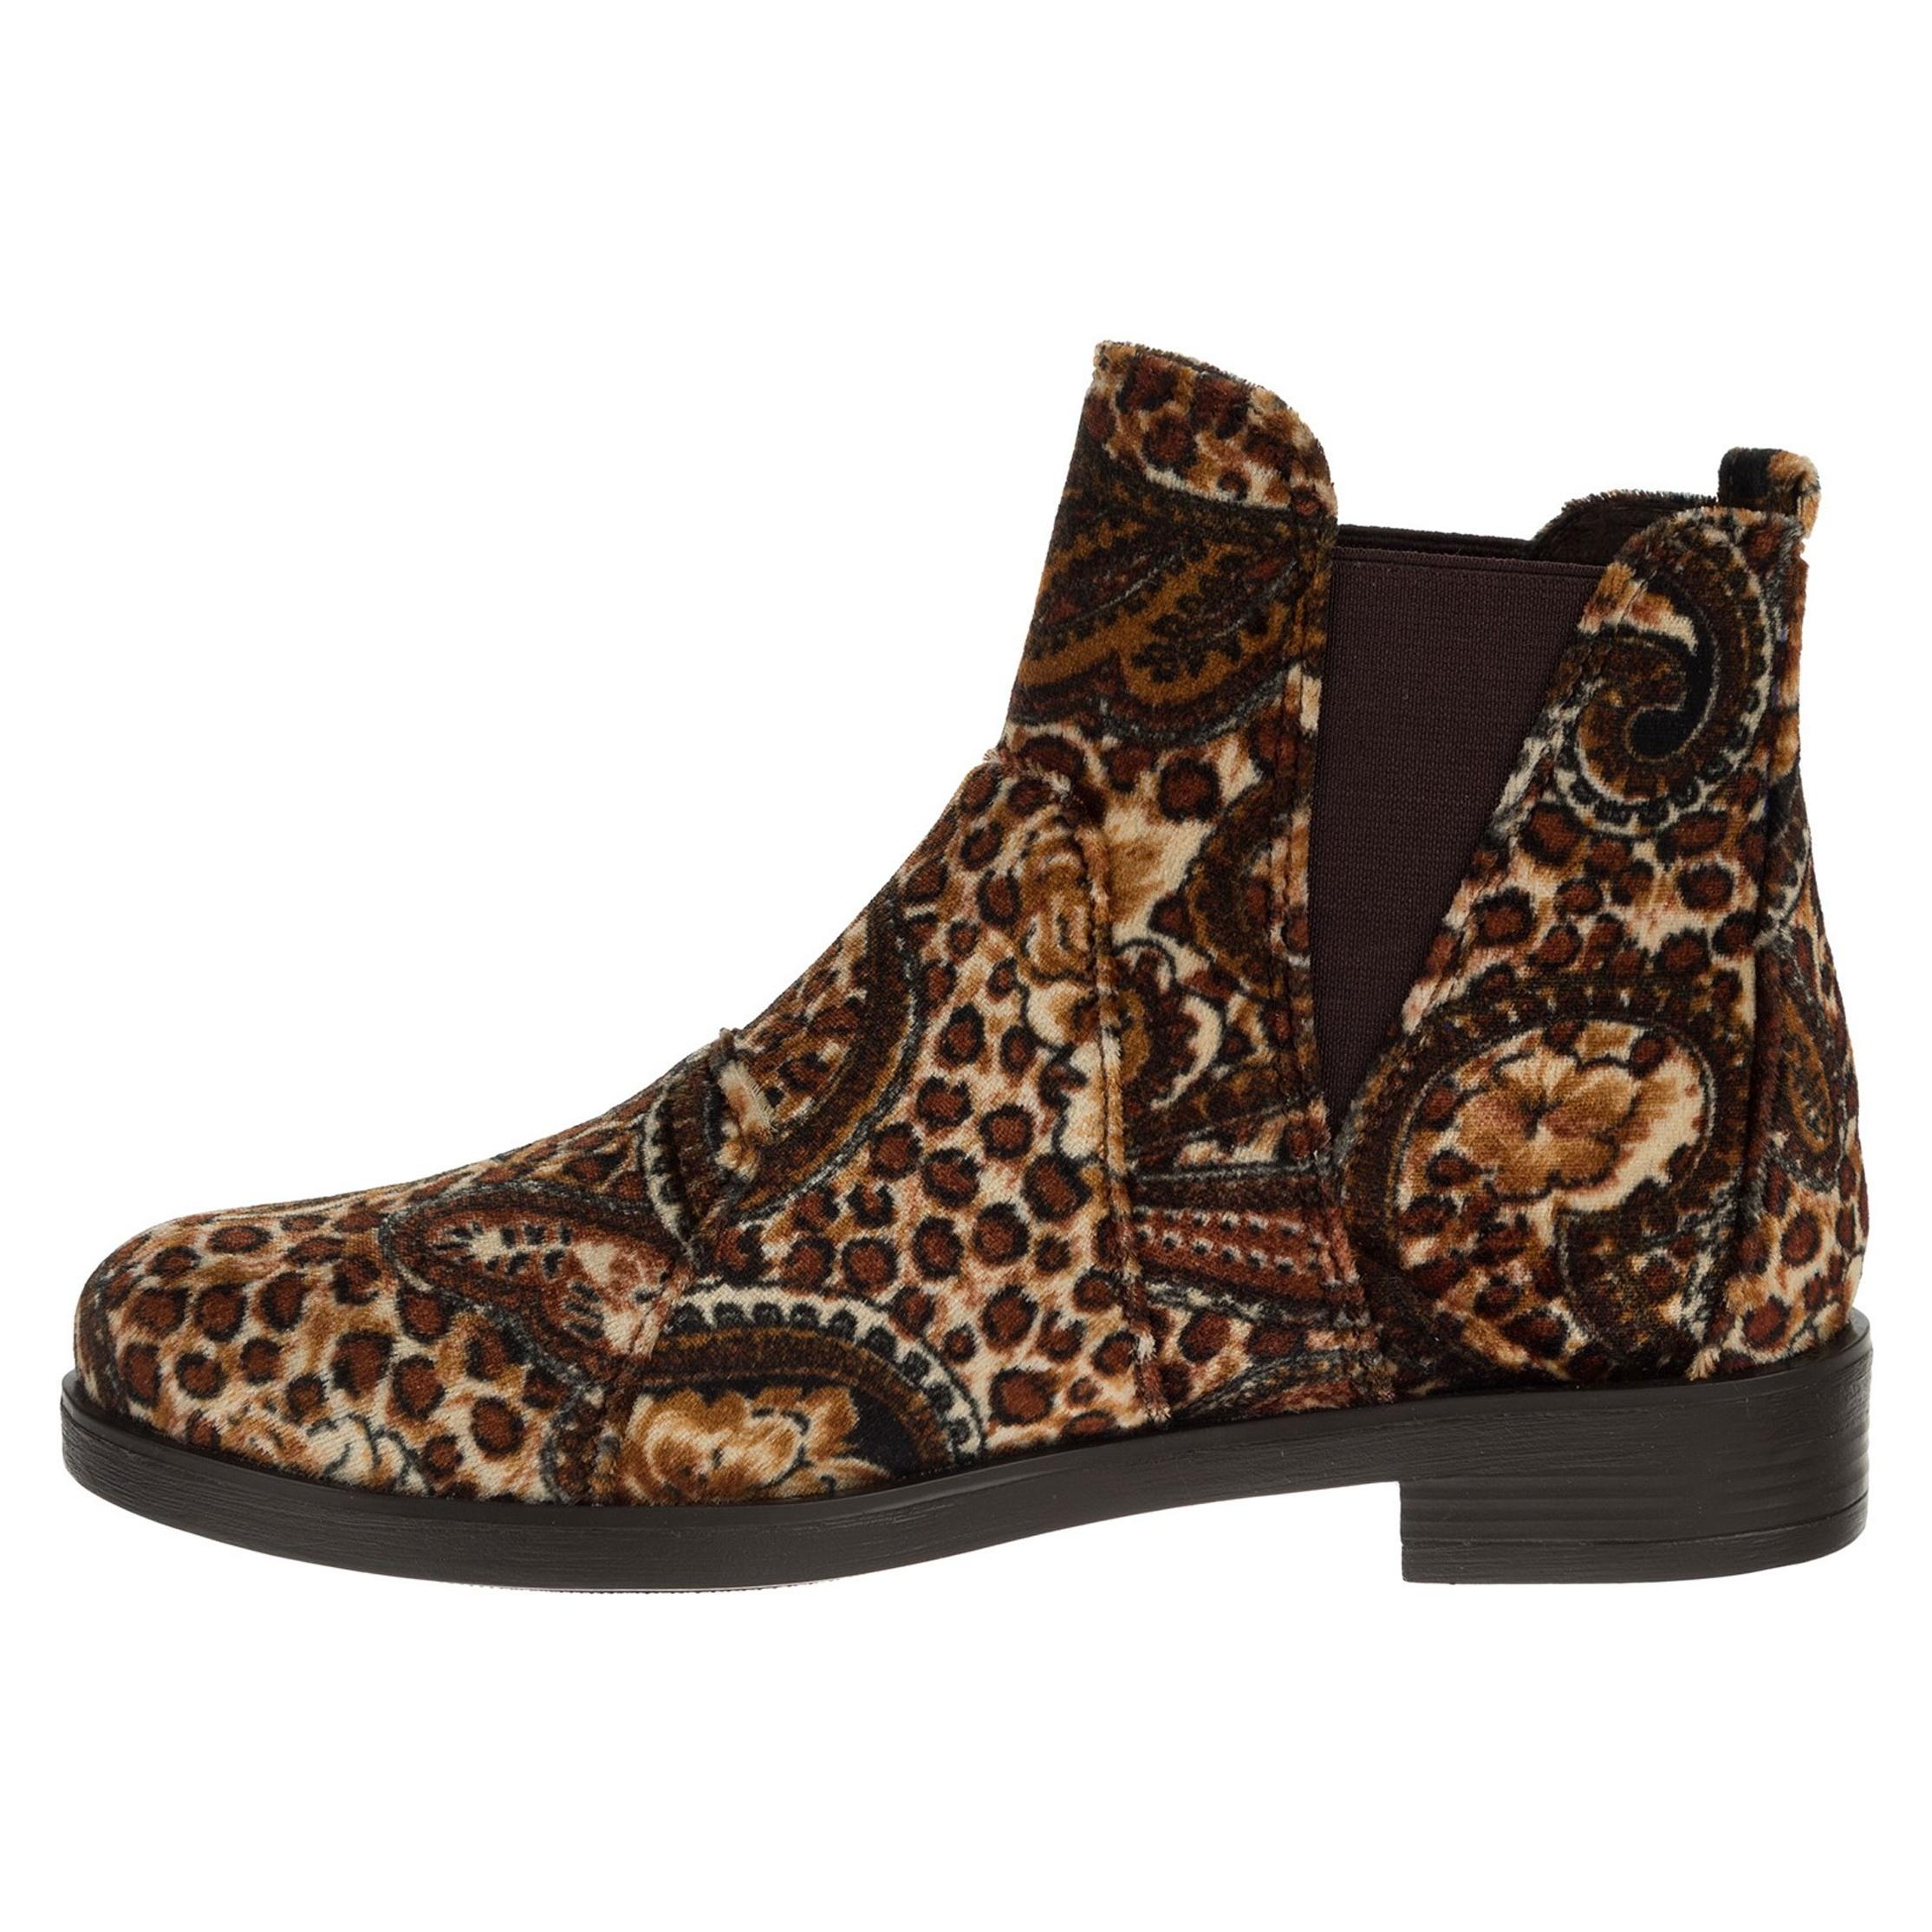 بیش از 80 نمونه مدل کفش زنانه با تخفیف ویژه